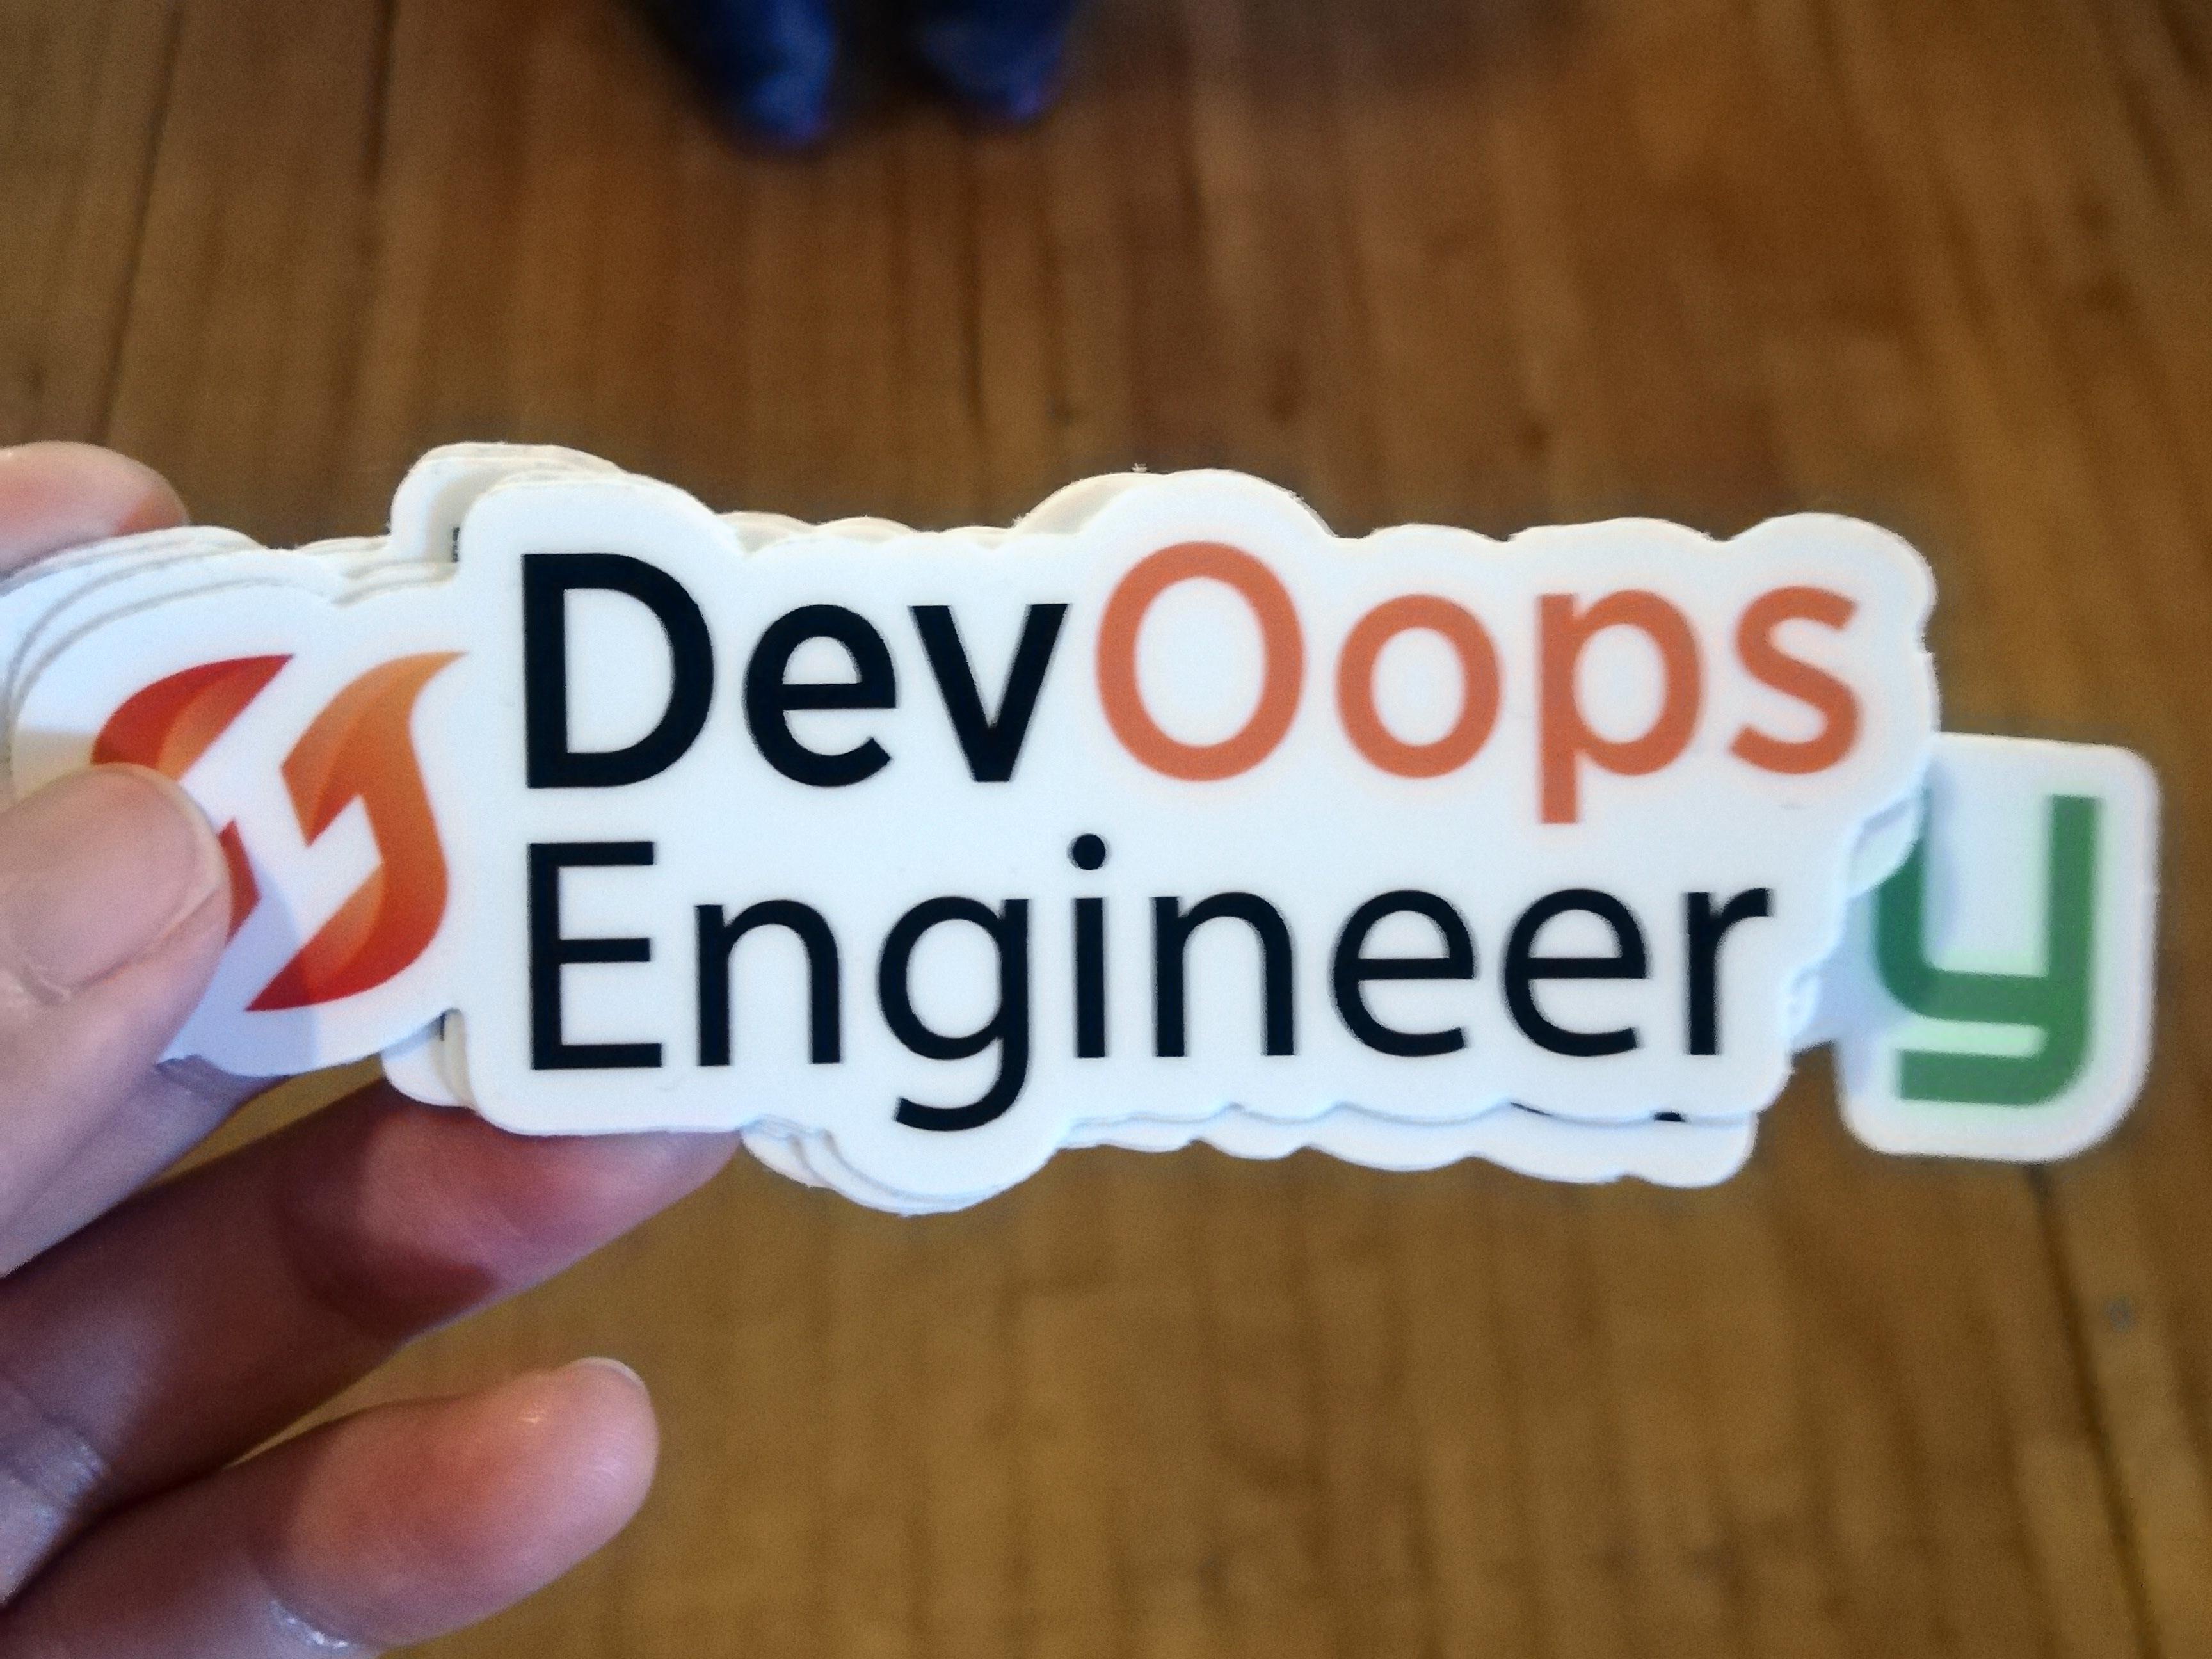 DevOpsエンジニアが、Oopsしないように(やってしまわないように)というメッセージ